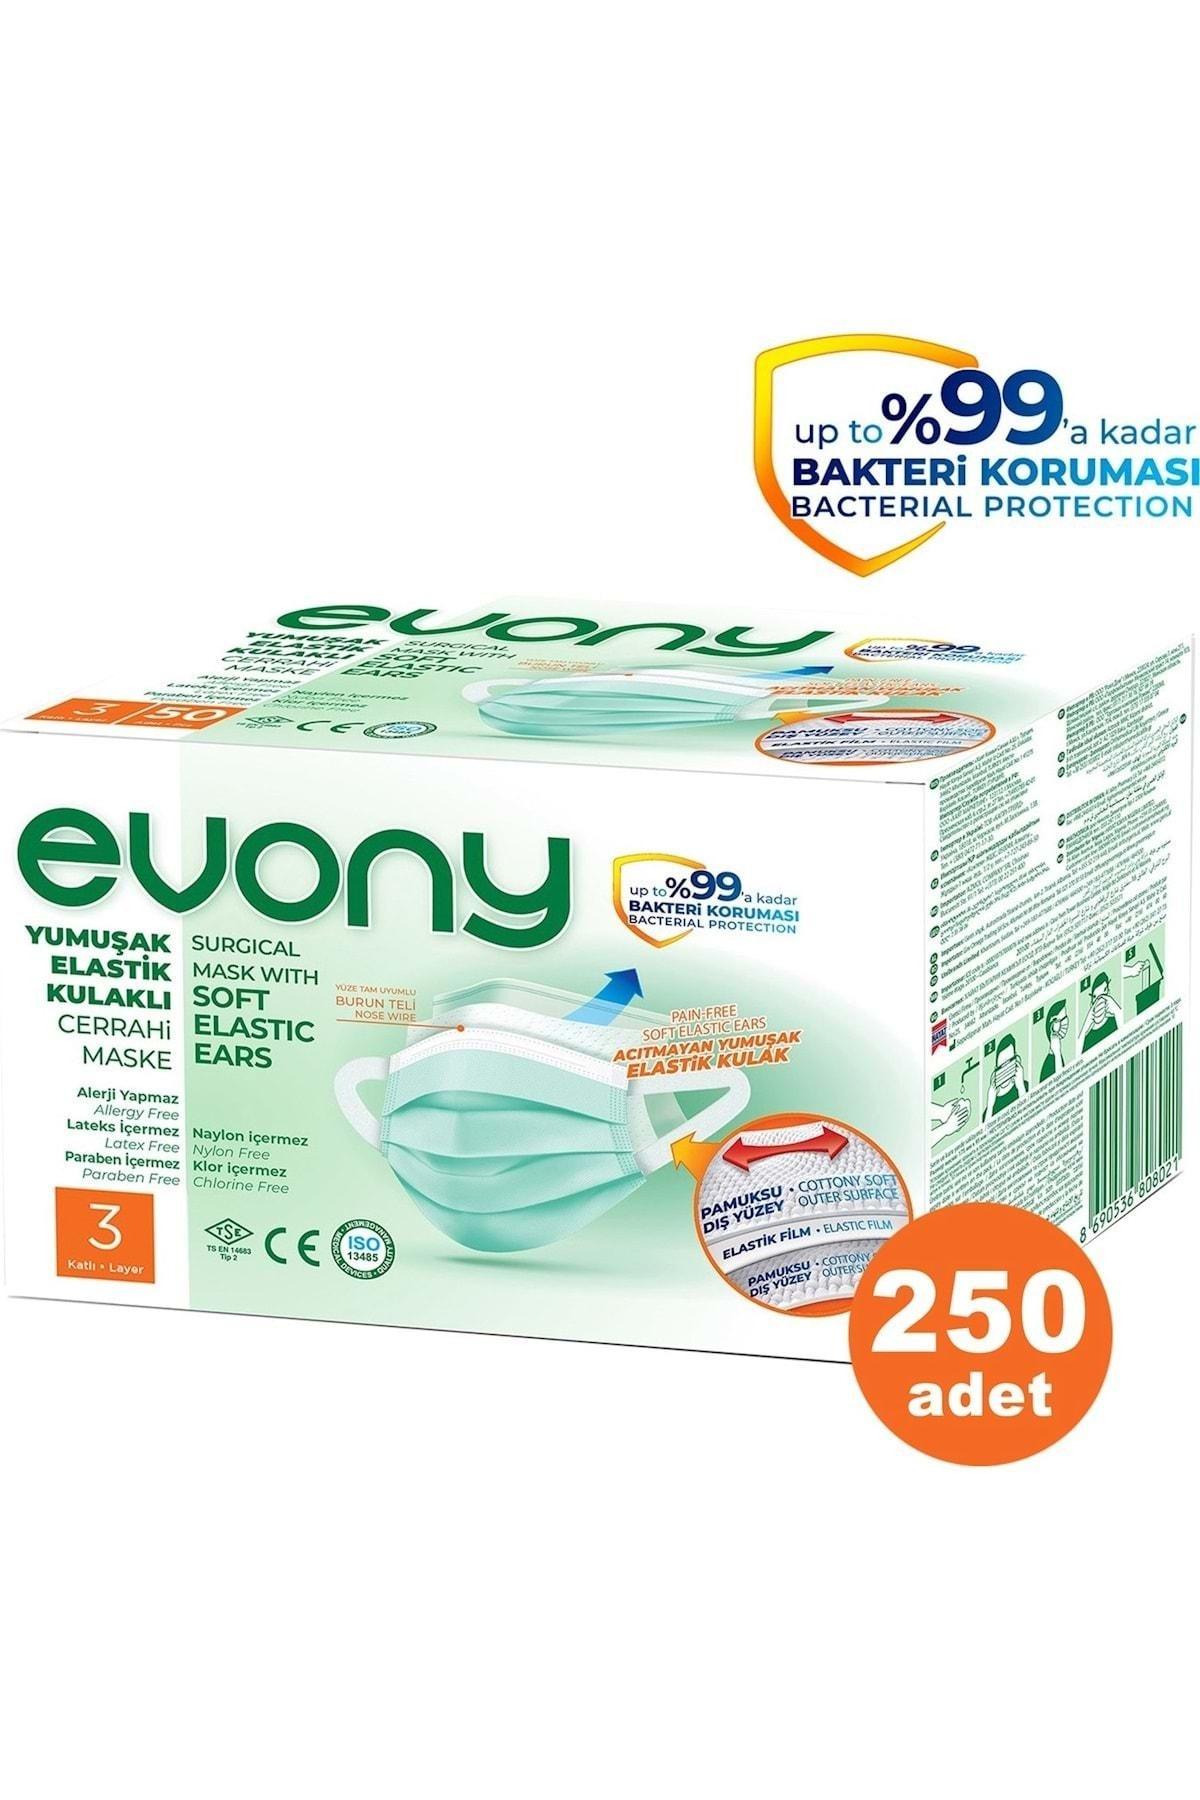 Evony 3 Katlı Filtreli Burun Telli Cerrahi Maske 250 Li Set (yumuşak Elastik Kulaklı) 2